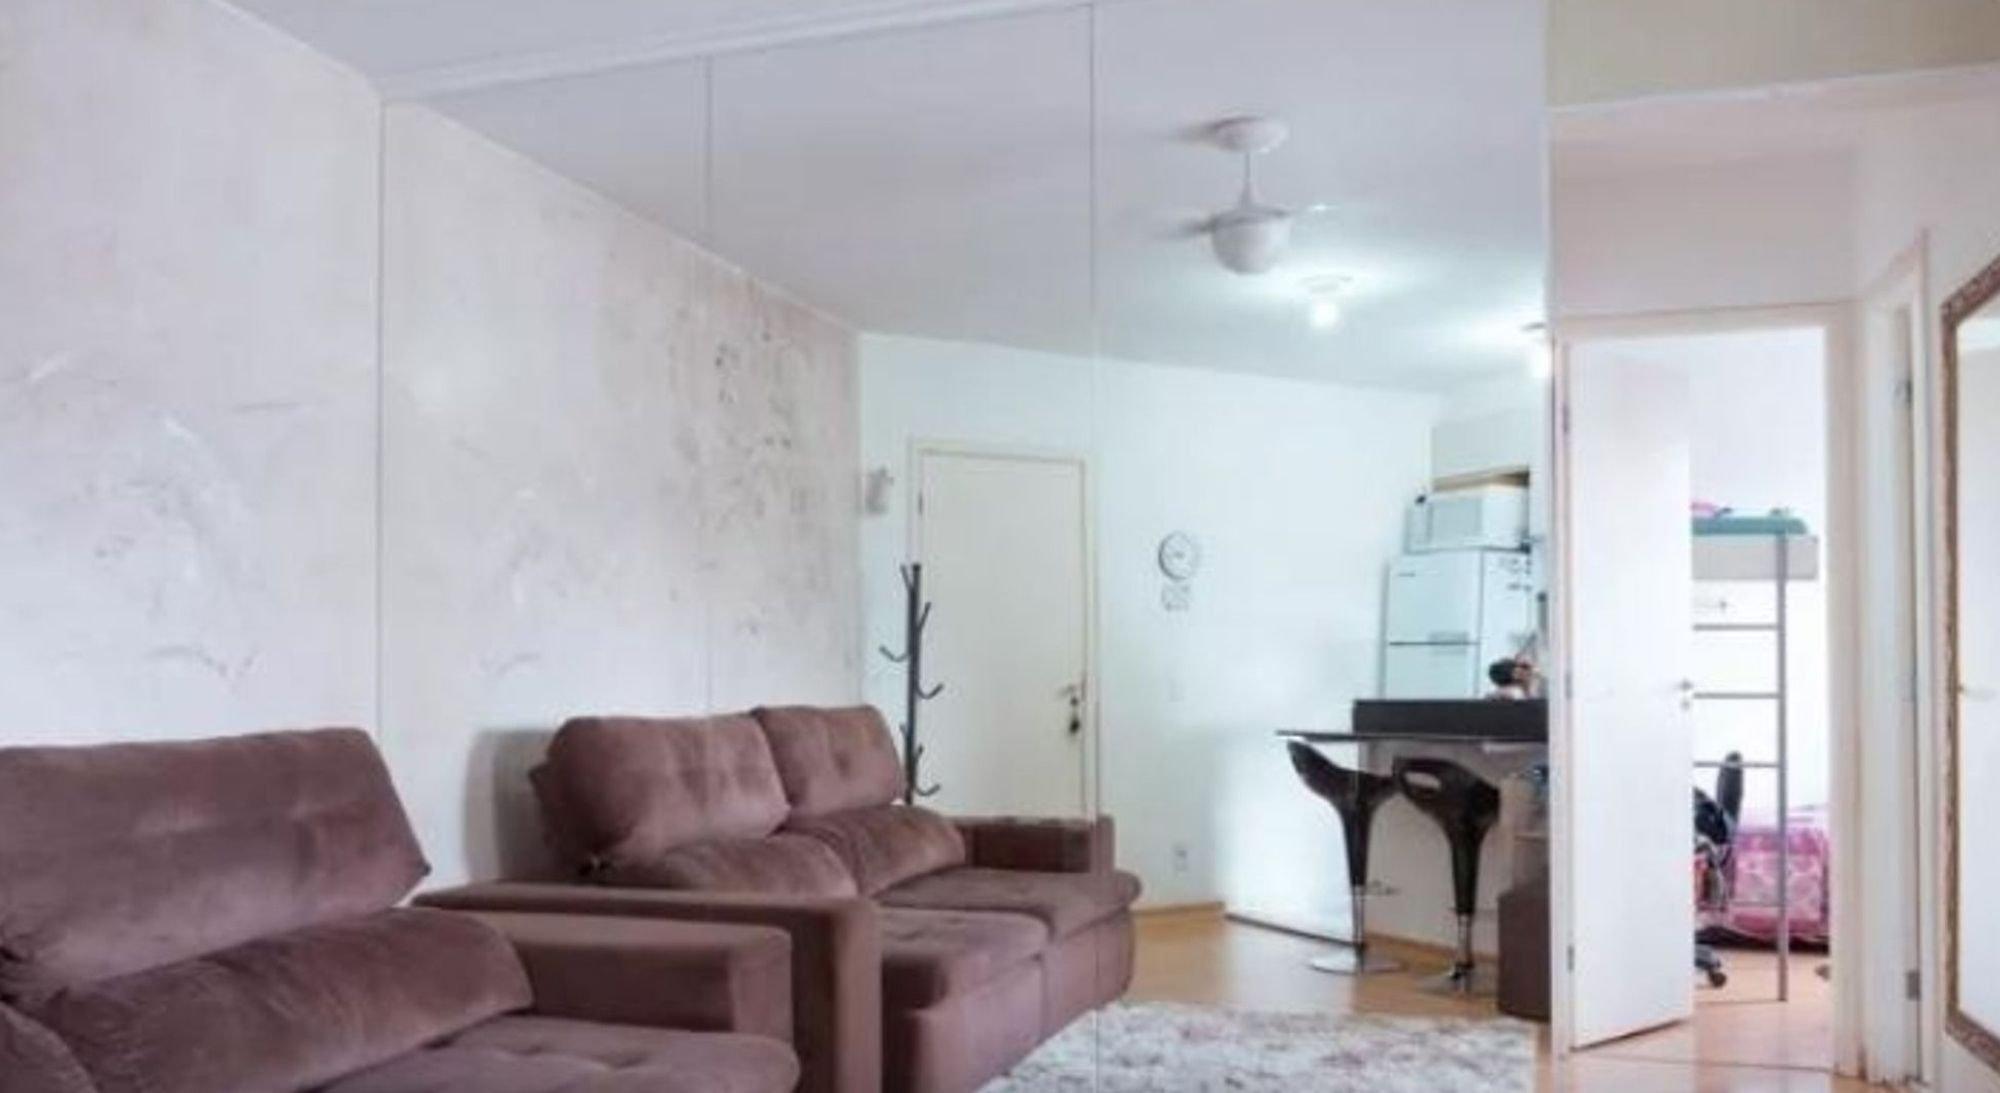 Foto de Sala com sofá, pia